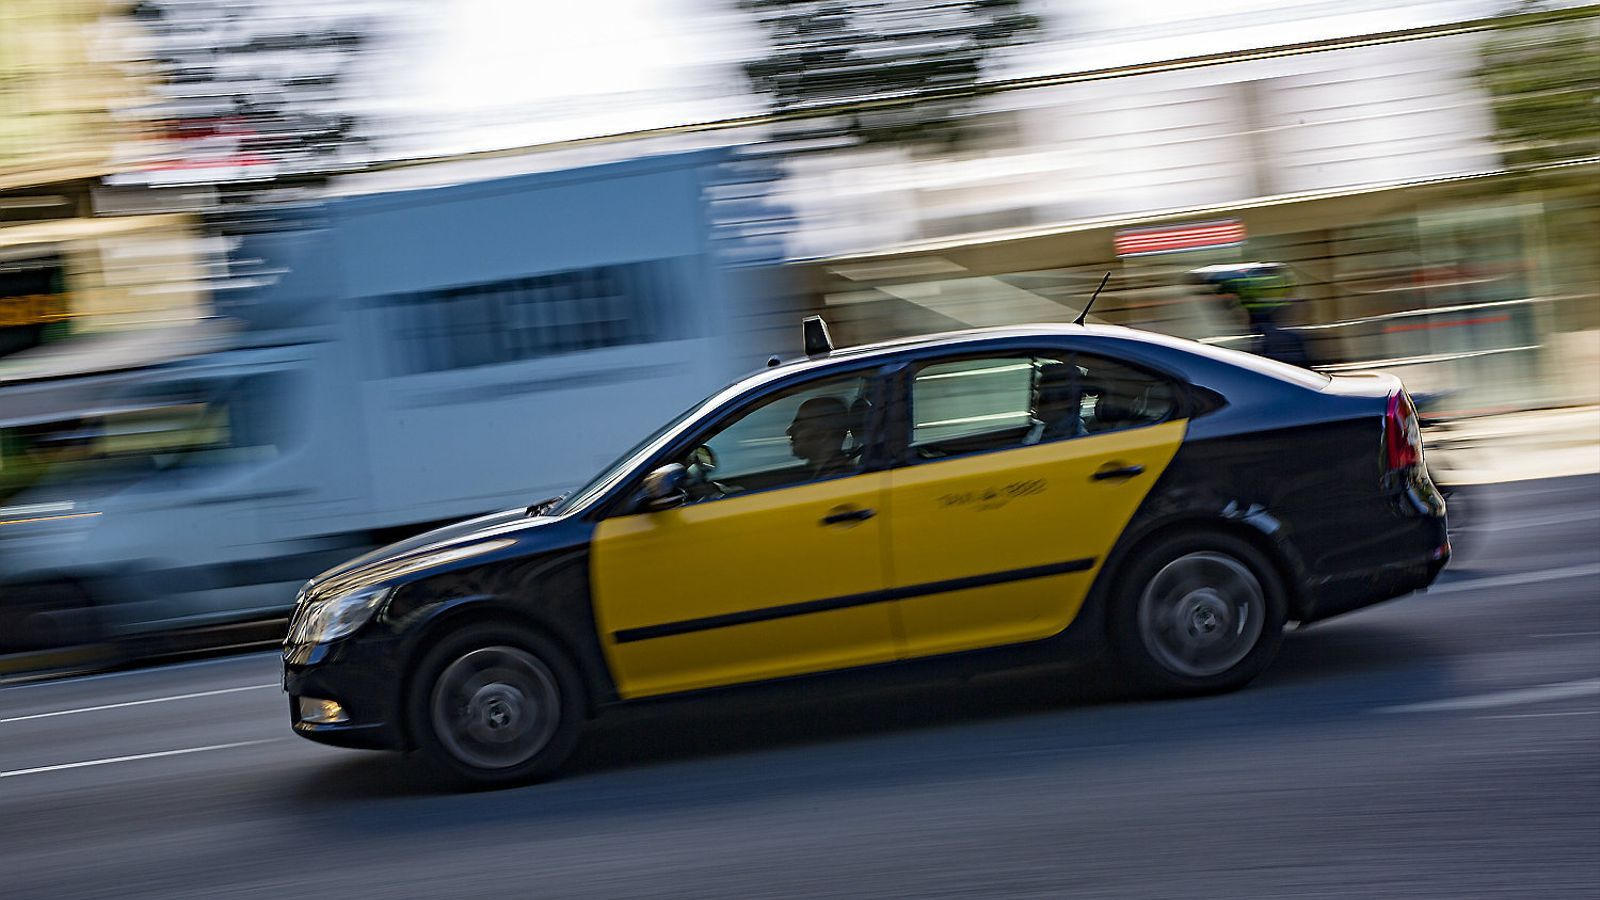 La facturació dels taxis creix tot i la irrupció de les VTC